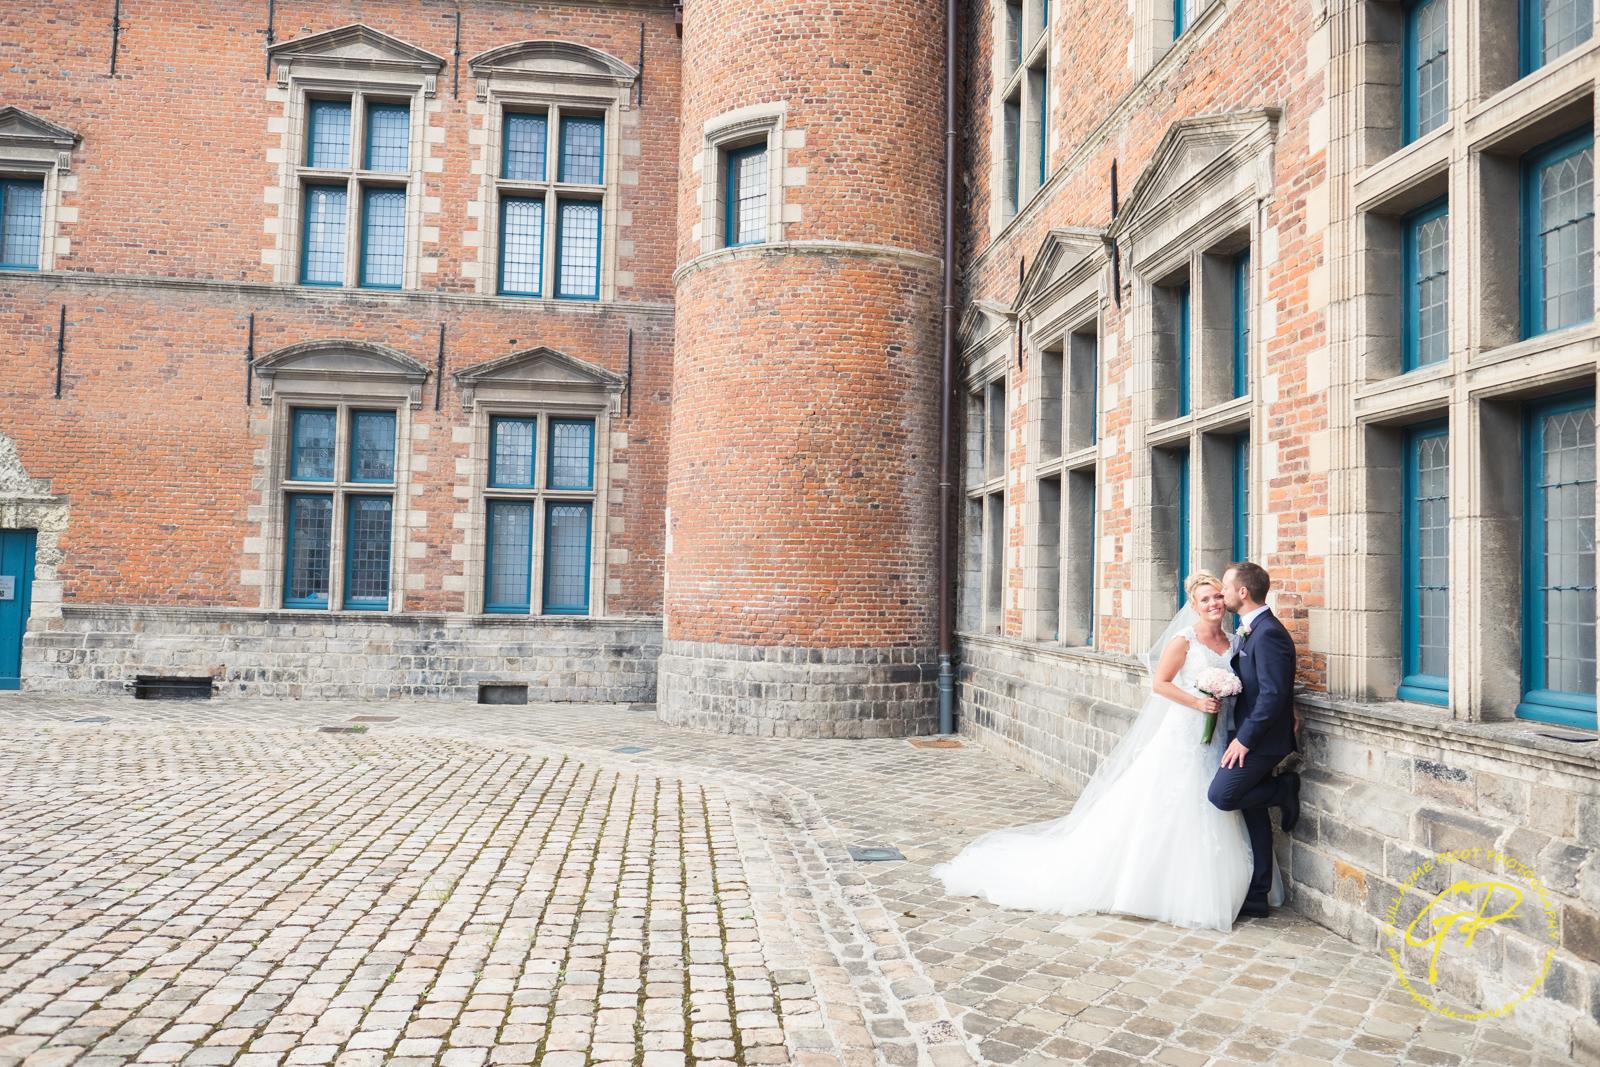 photographe mariage haut de france-3141